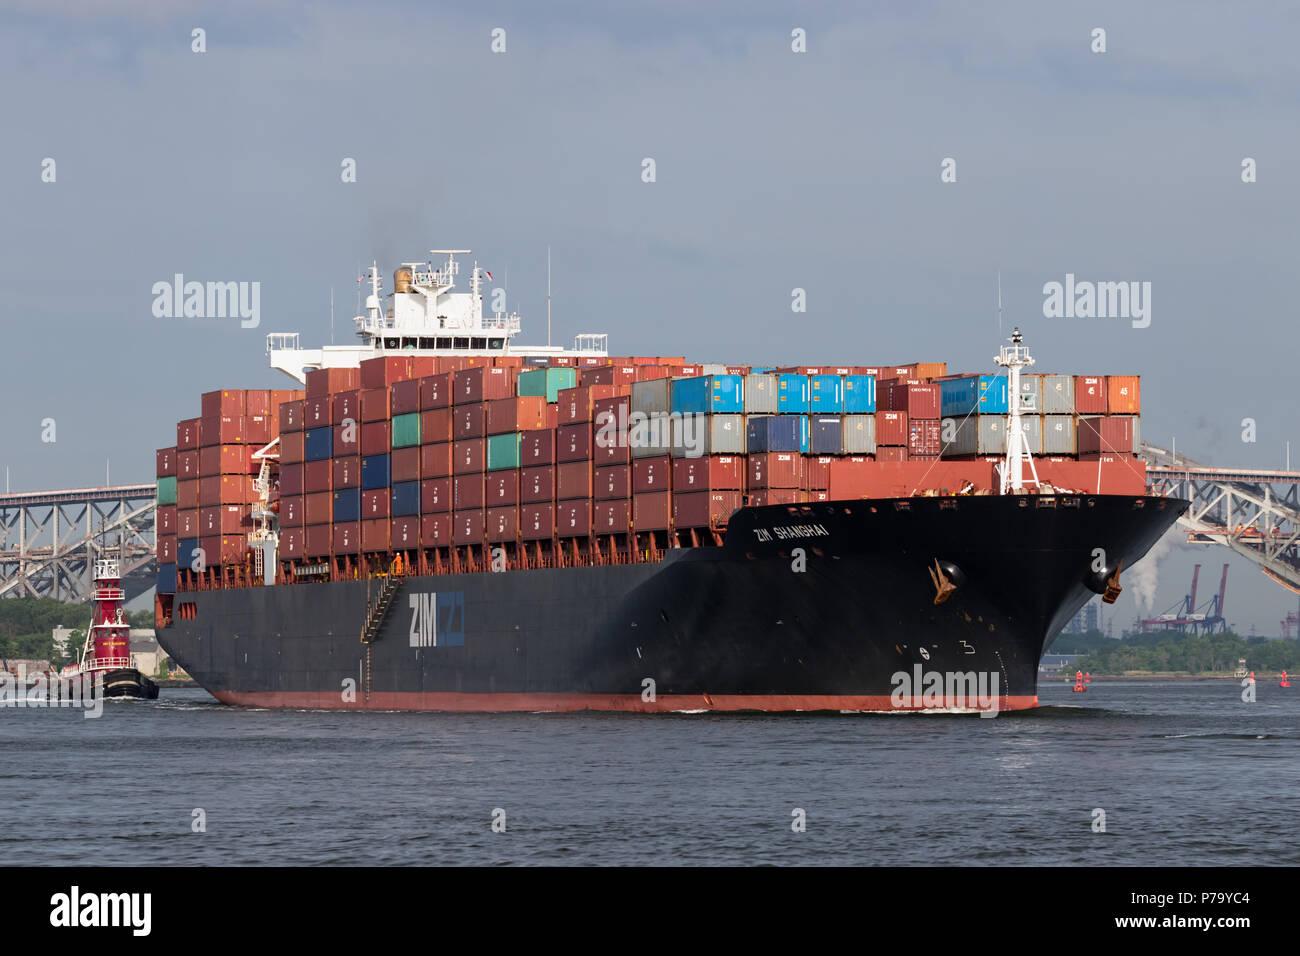 Das containerschiff ZIM Shanghai der ausgehende Port Elizabeth für den New Yorker Hafen, Bayonne Bridge und Newark Bay in der Ferne. Stockfoto